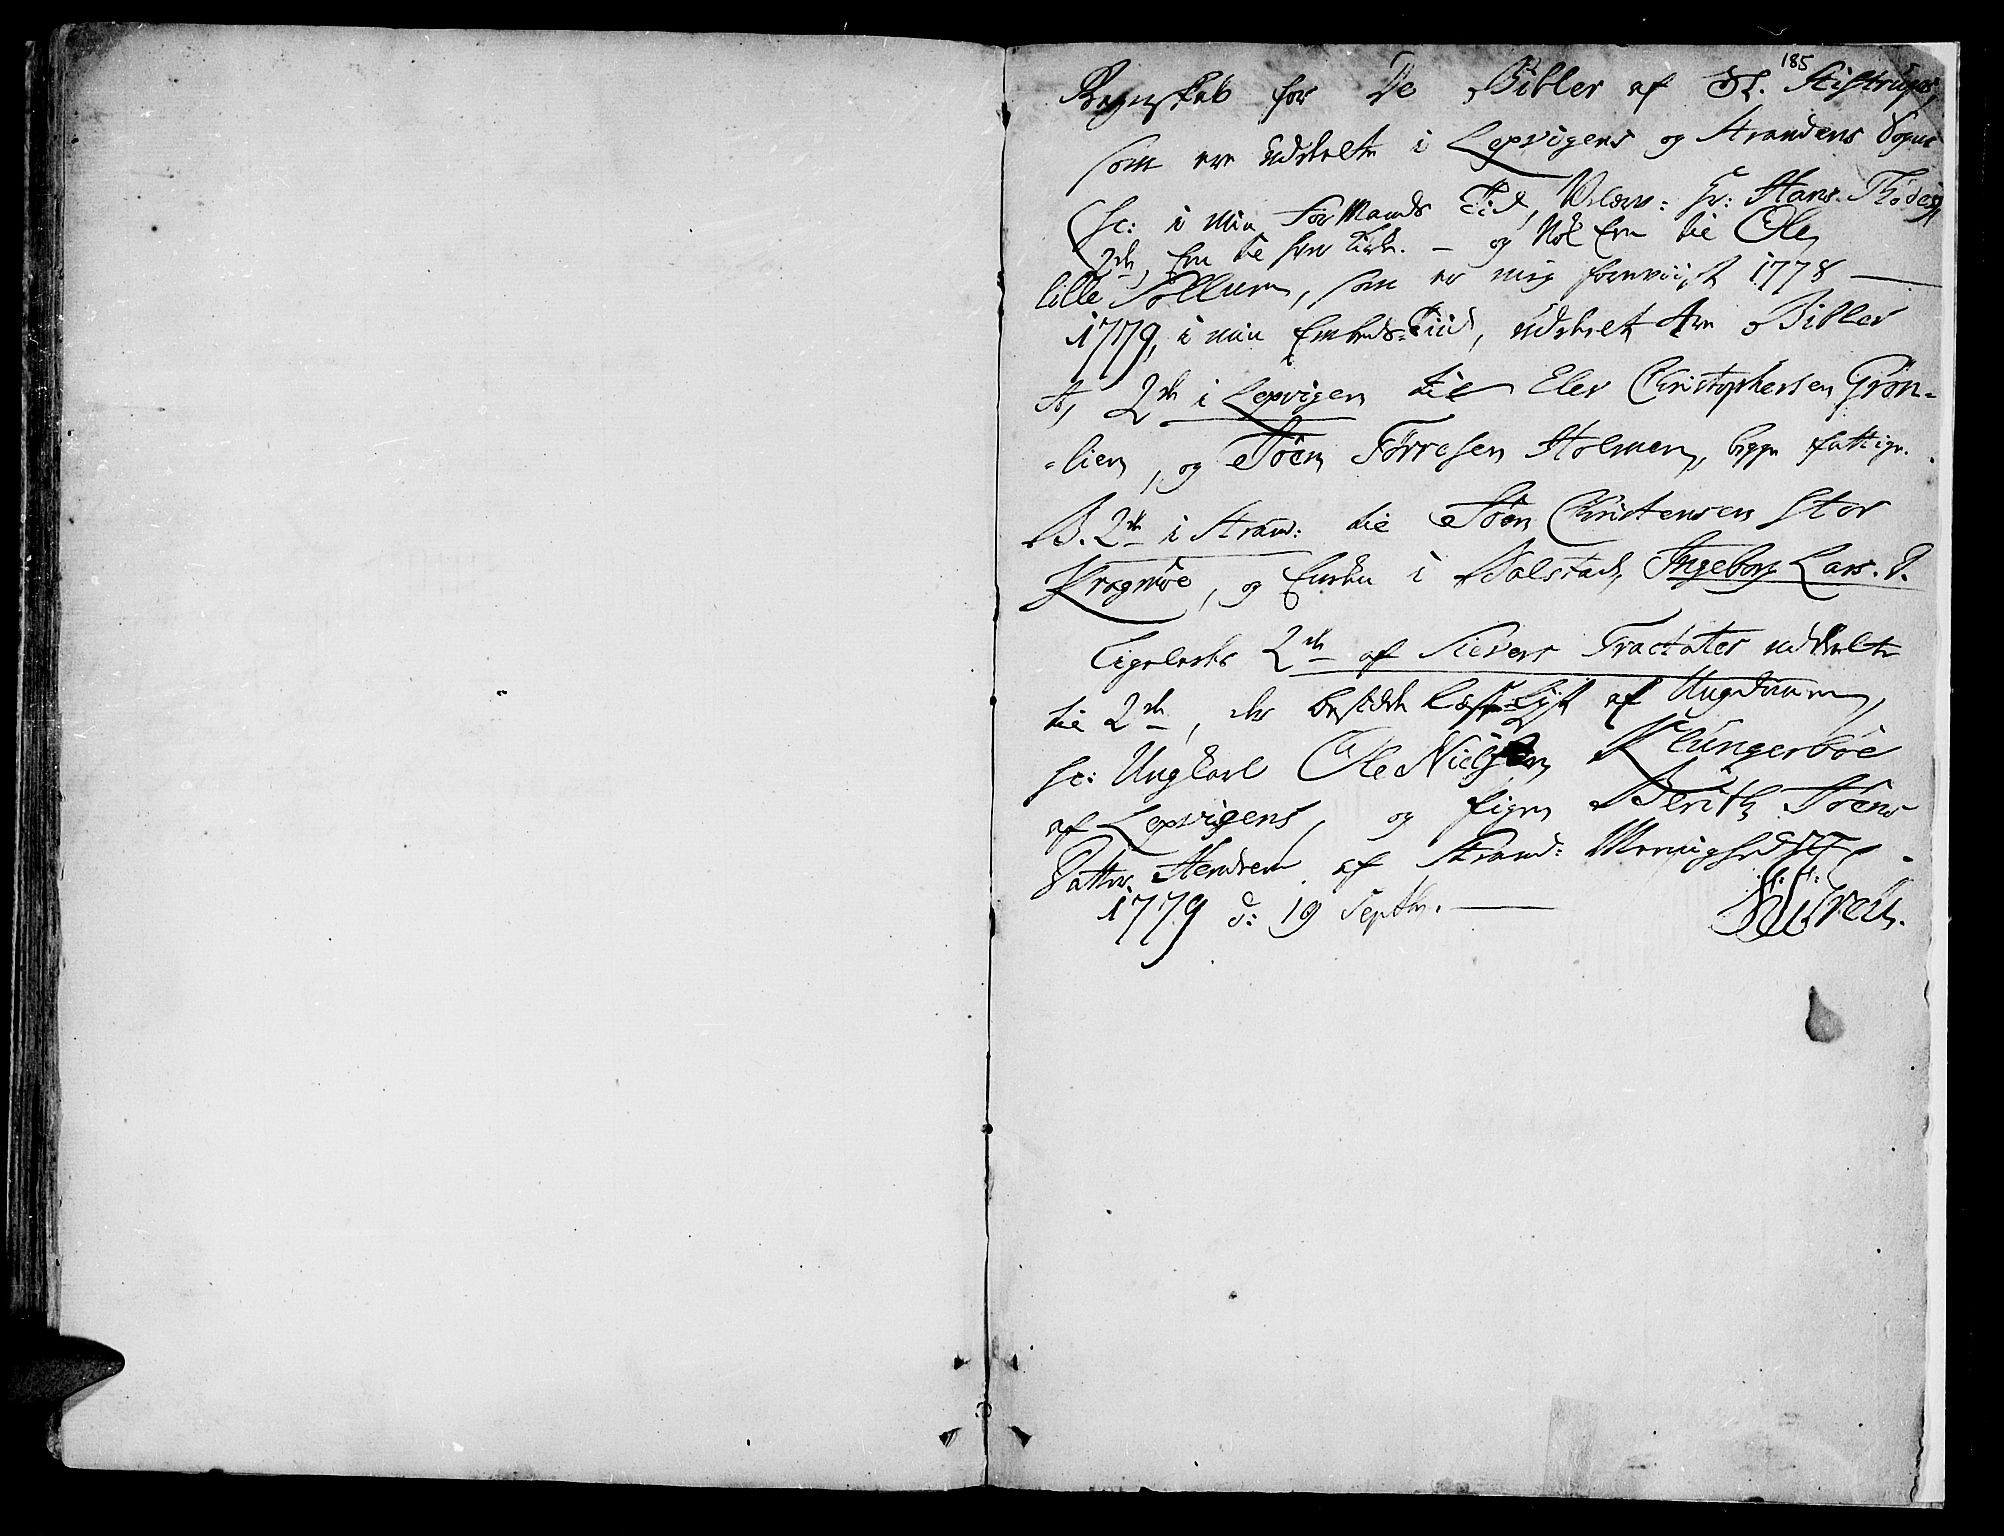 SAT, Ministerialprotokoller, klokkerbøker og fødselsregistre - Nord-Trøndelag, 701/L0003: Ministerialbok nr. 701A03, 1751-1783, s. 185